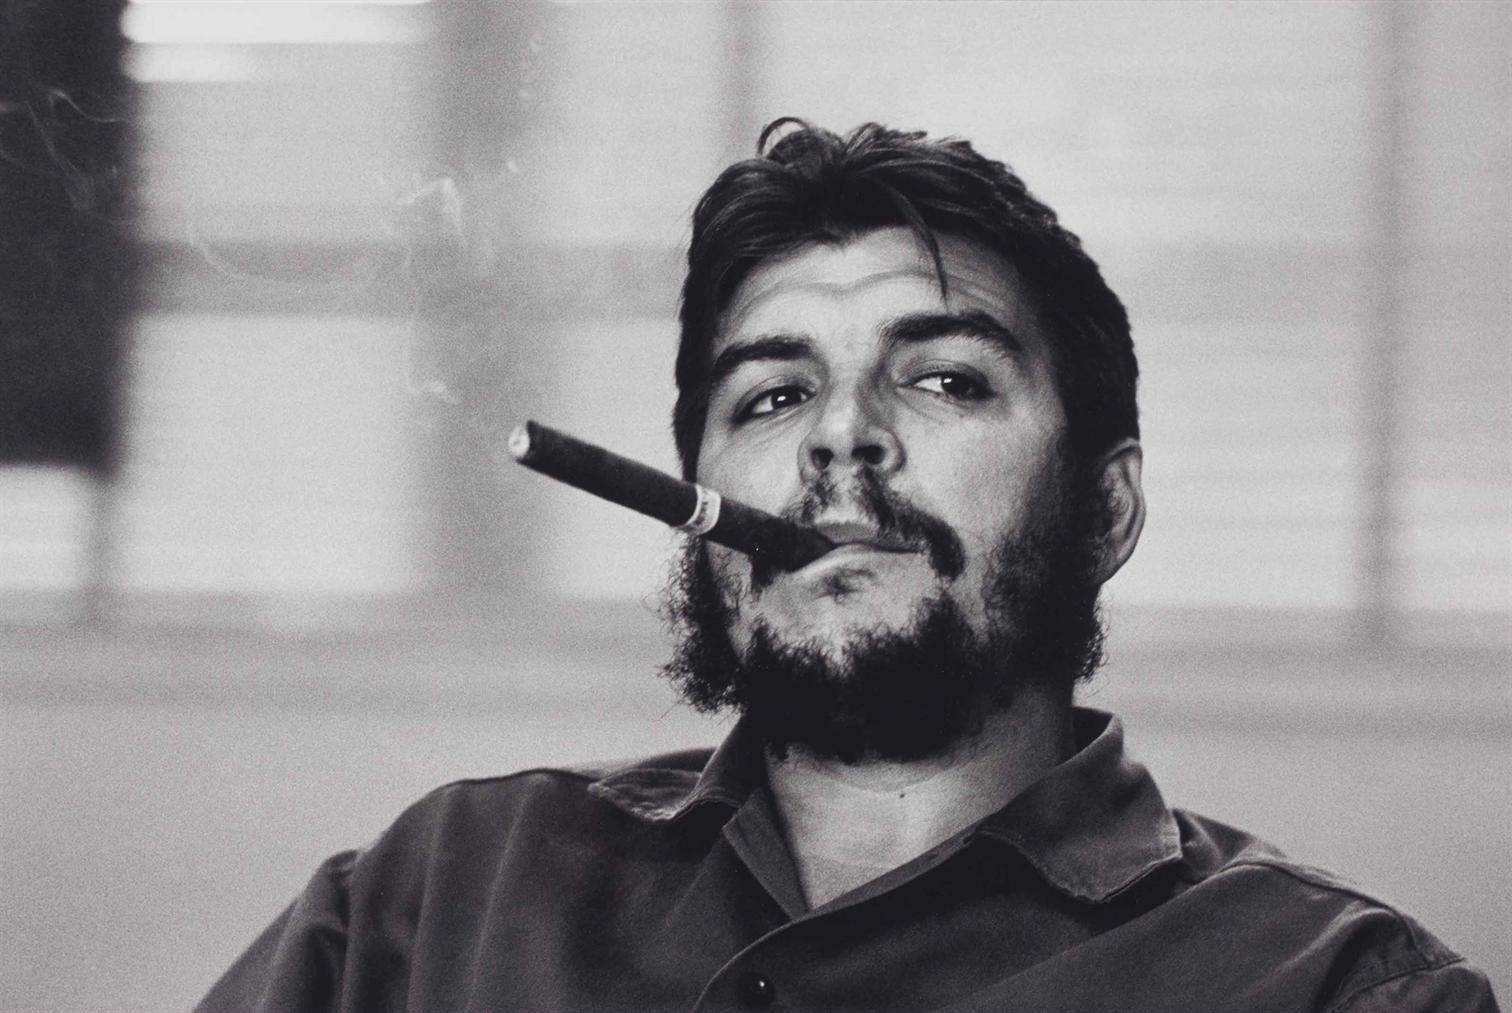 Rene Burri-Ernesto Che Guevara, Havana Cuba-1963